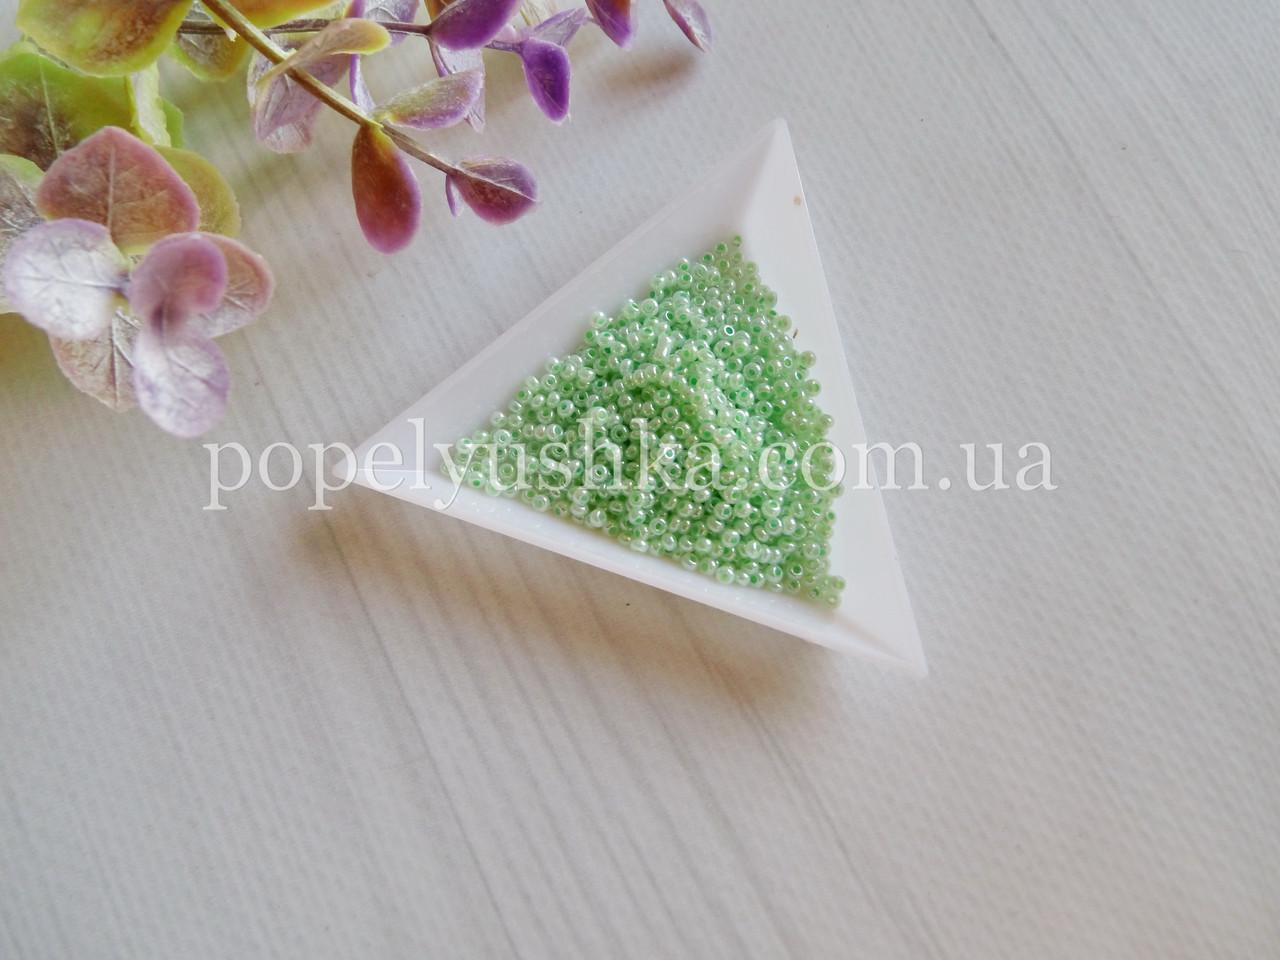 Бісер чеський Оливково-Зелений (прозорий) (10 г)